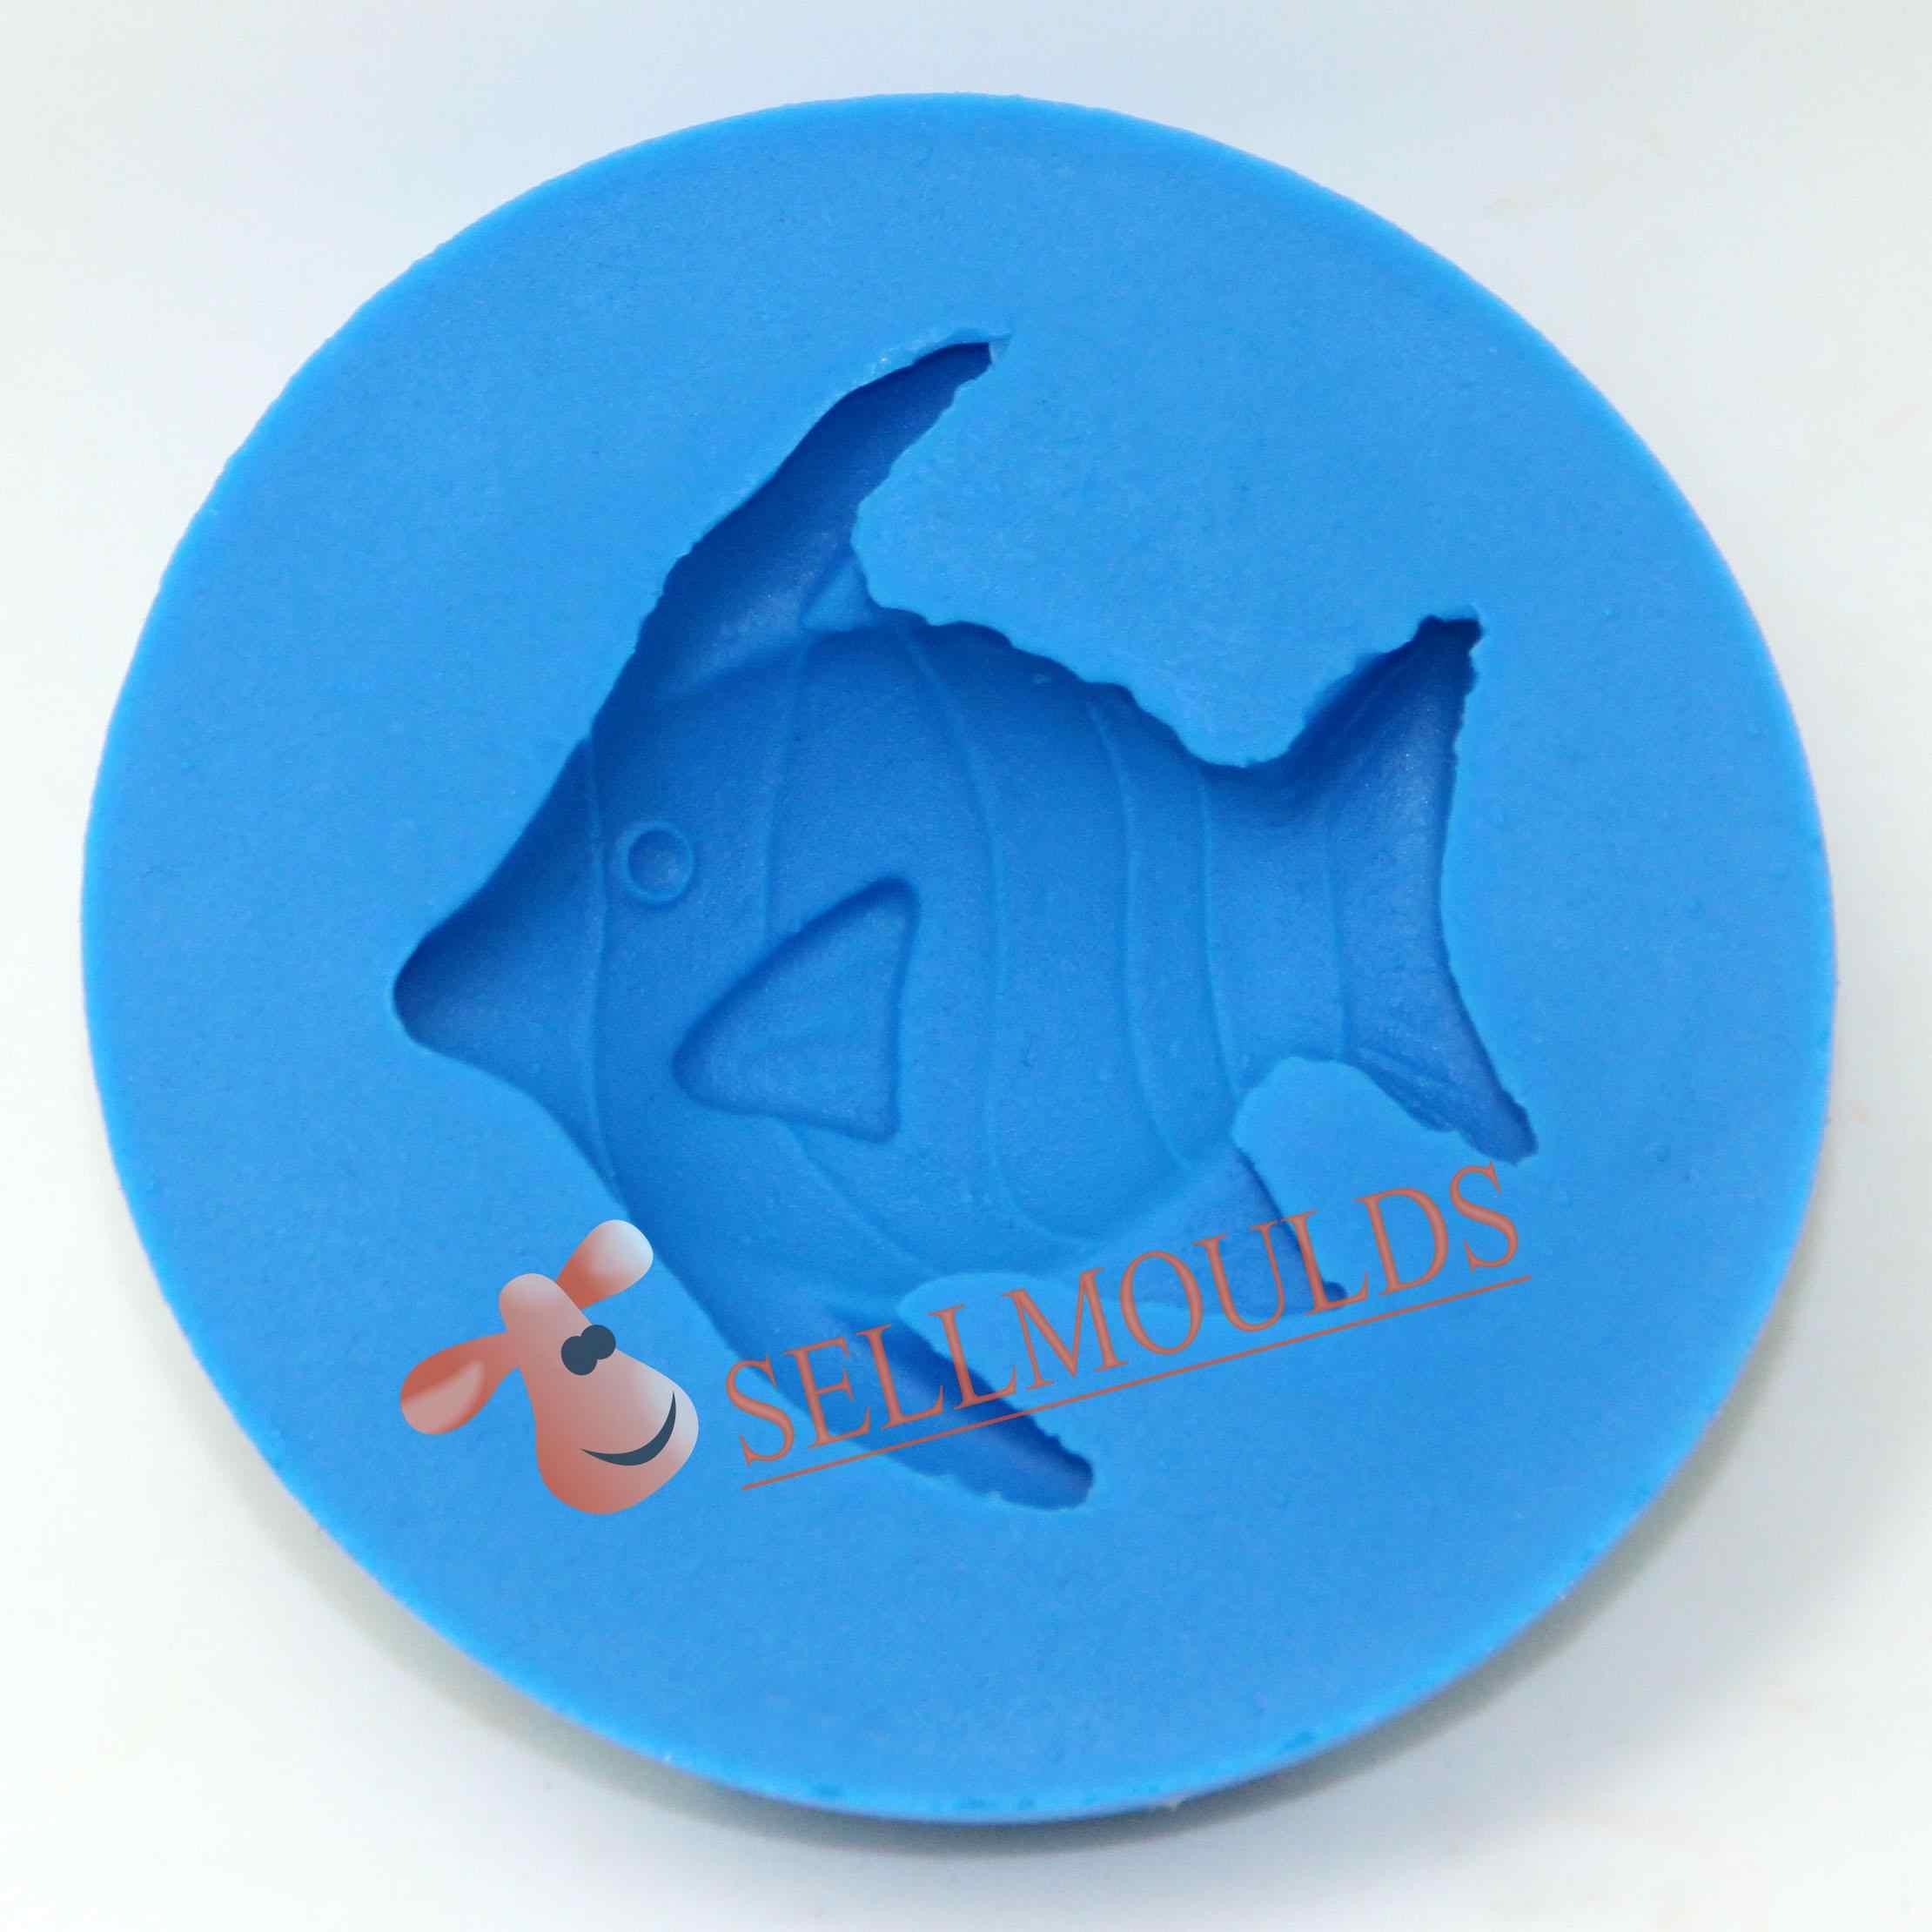 ثلاثية الأبعاد الأسماك قالب من السيليكون فندان قوالب الشوكولاته قالب صغير كيتشن bkسيليكون J1012